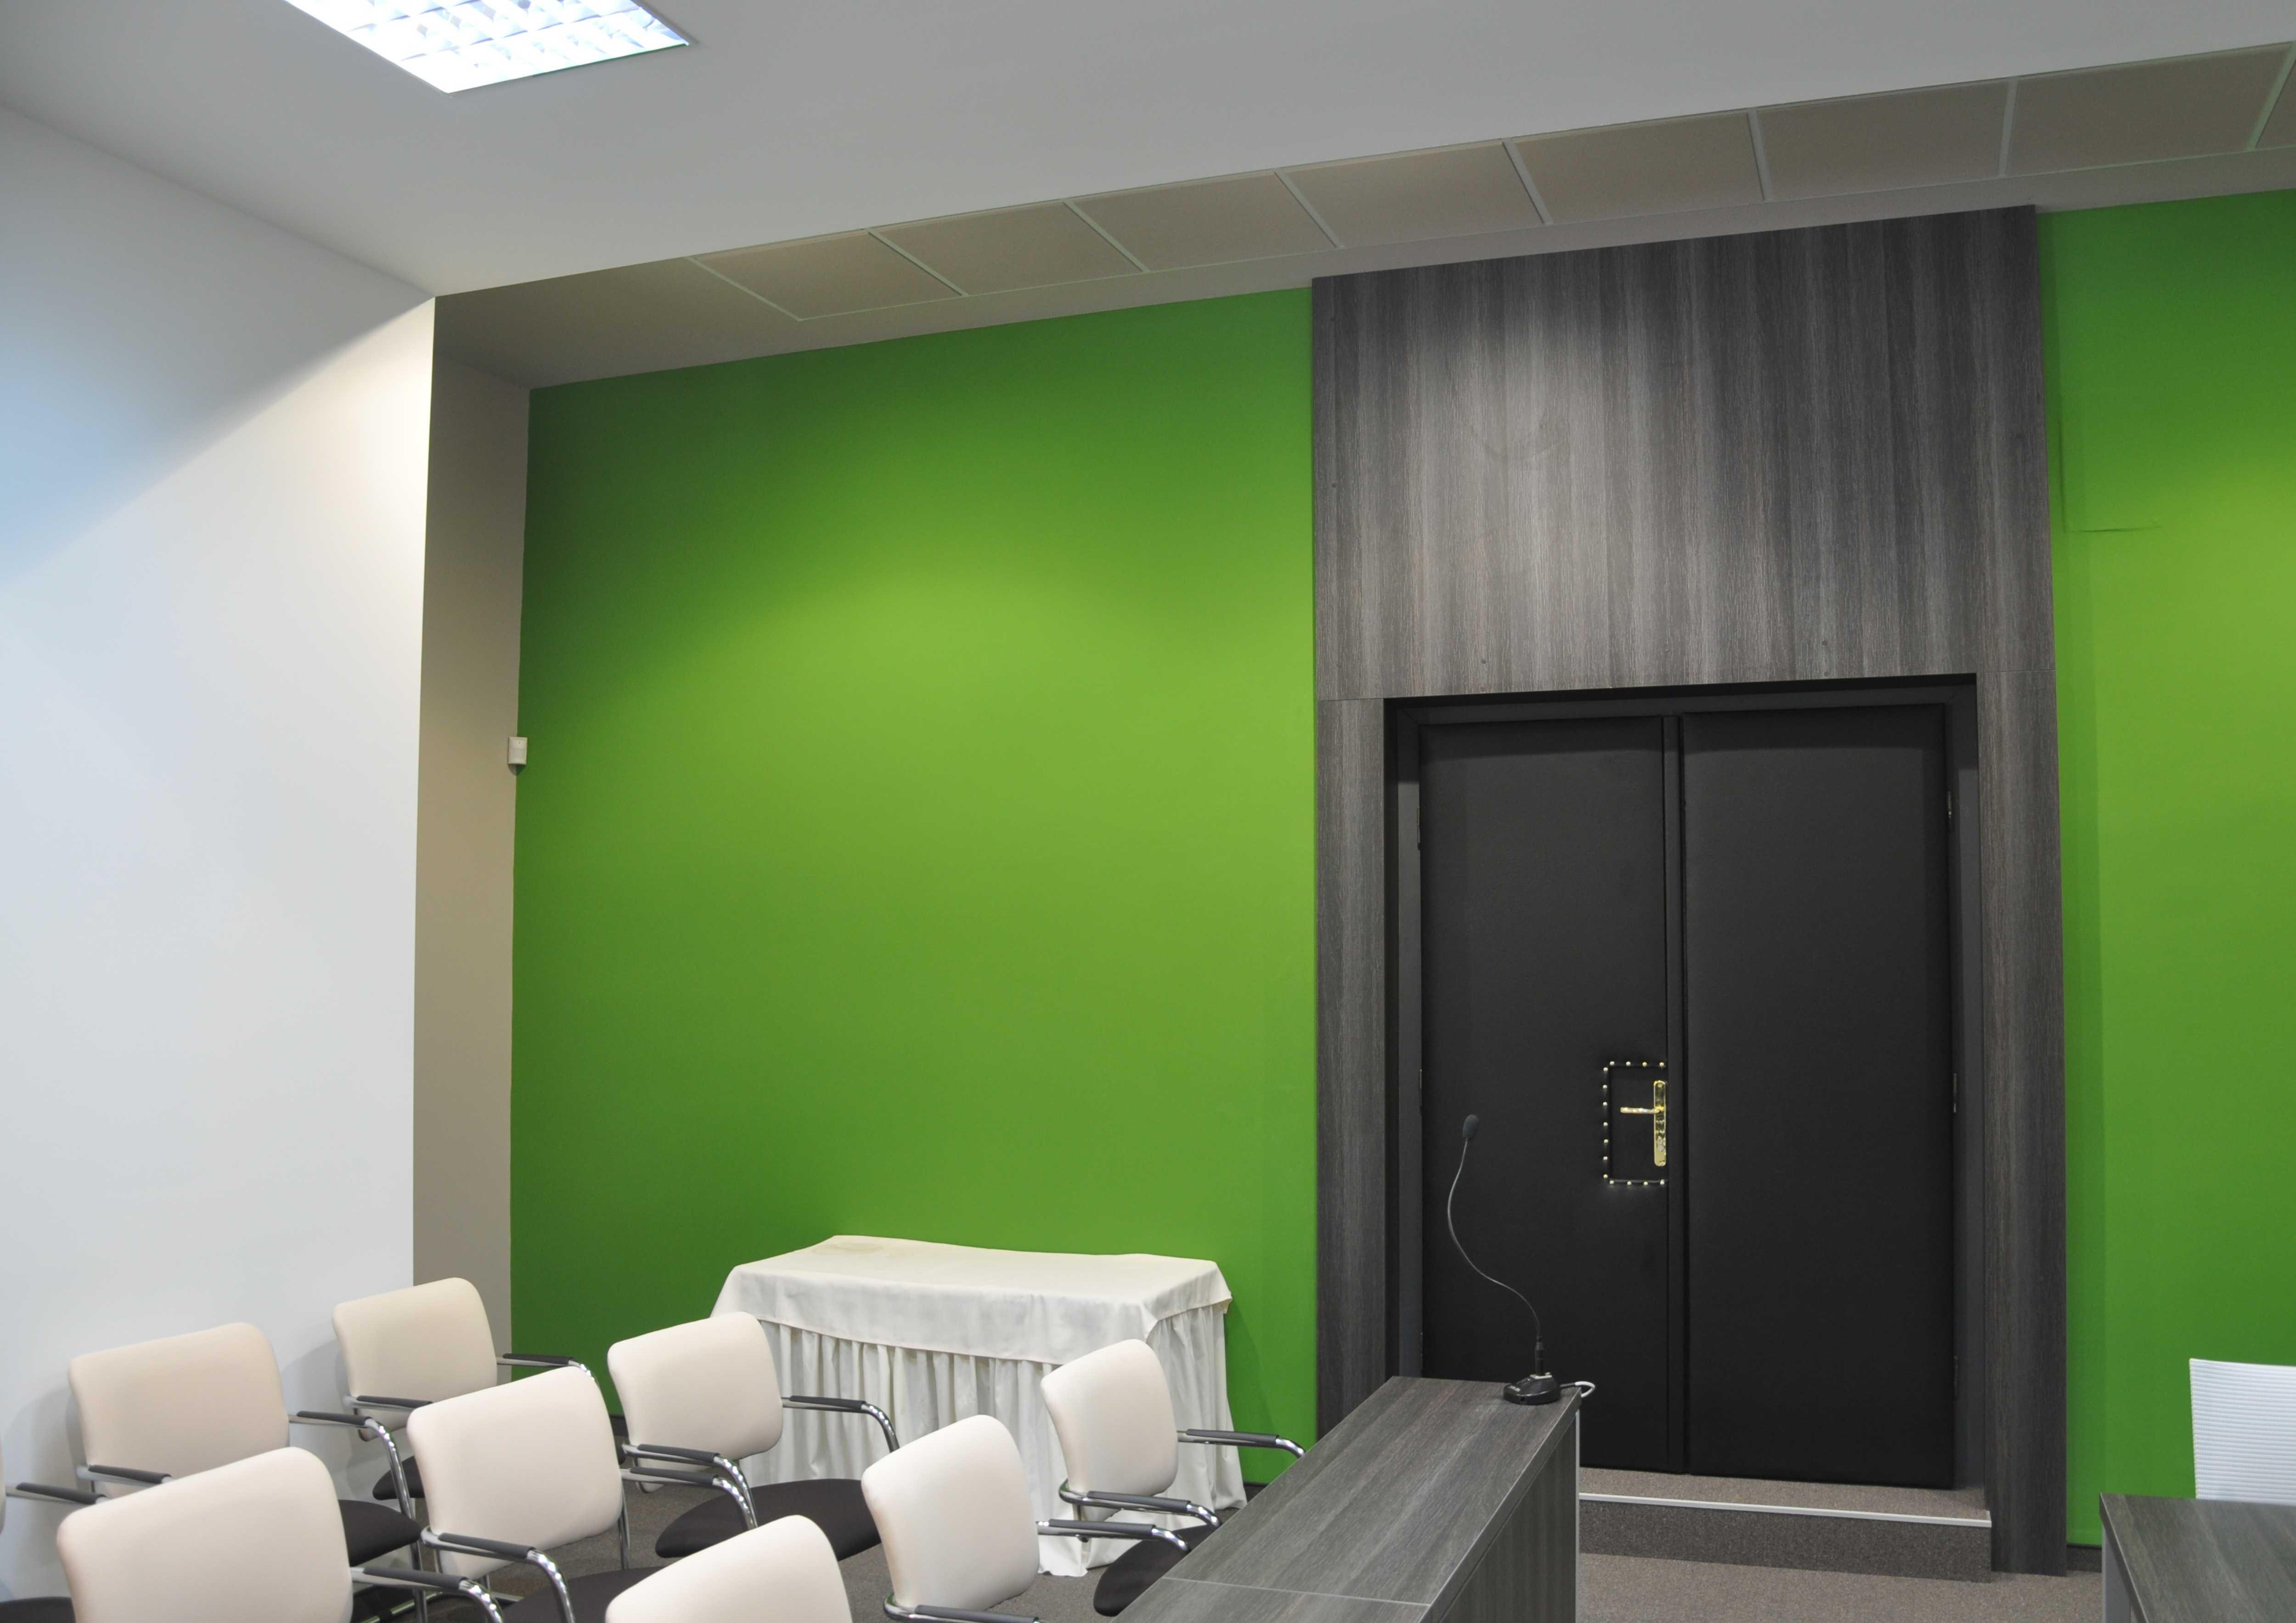 Projekt interiéru zasadačky NZ 06